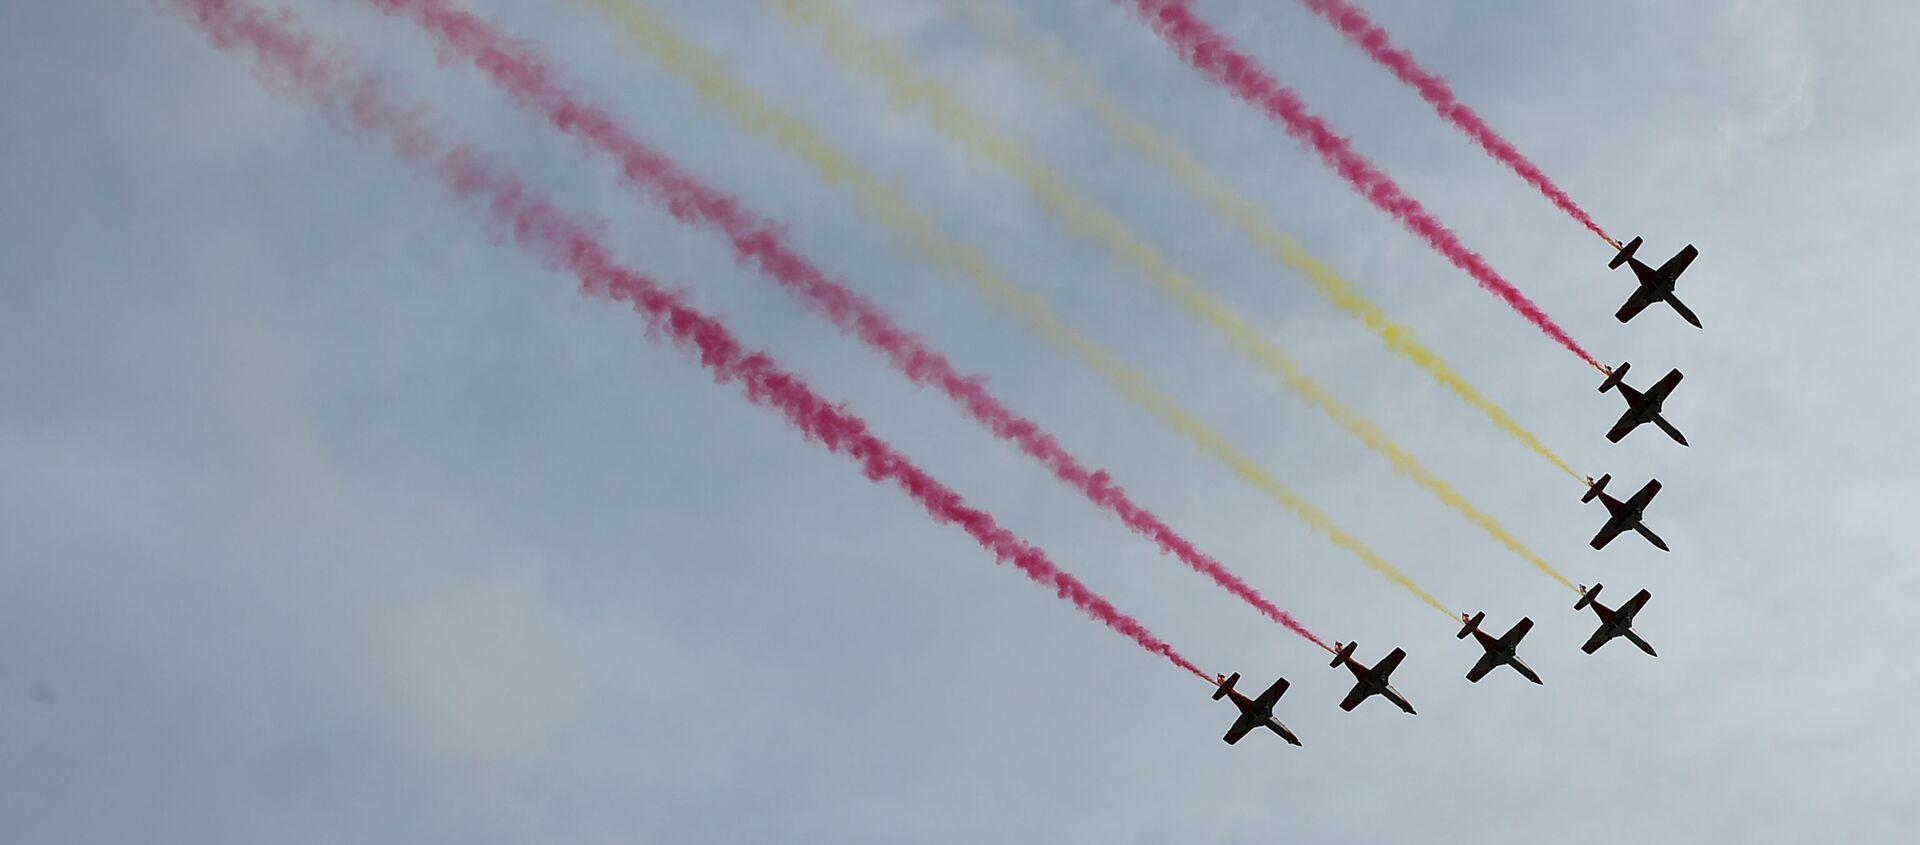 Demostración de la Fuerza Aérea Española, Patrulla Aguila, durante el desfile militar del Día Nacional de España. Madrid, 12 de octubre de 2019 - Sputnik Mundo, 1920, 12.10.2020